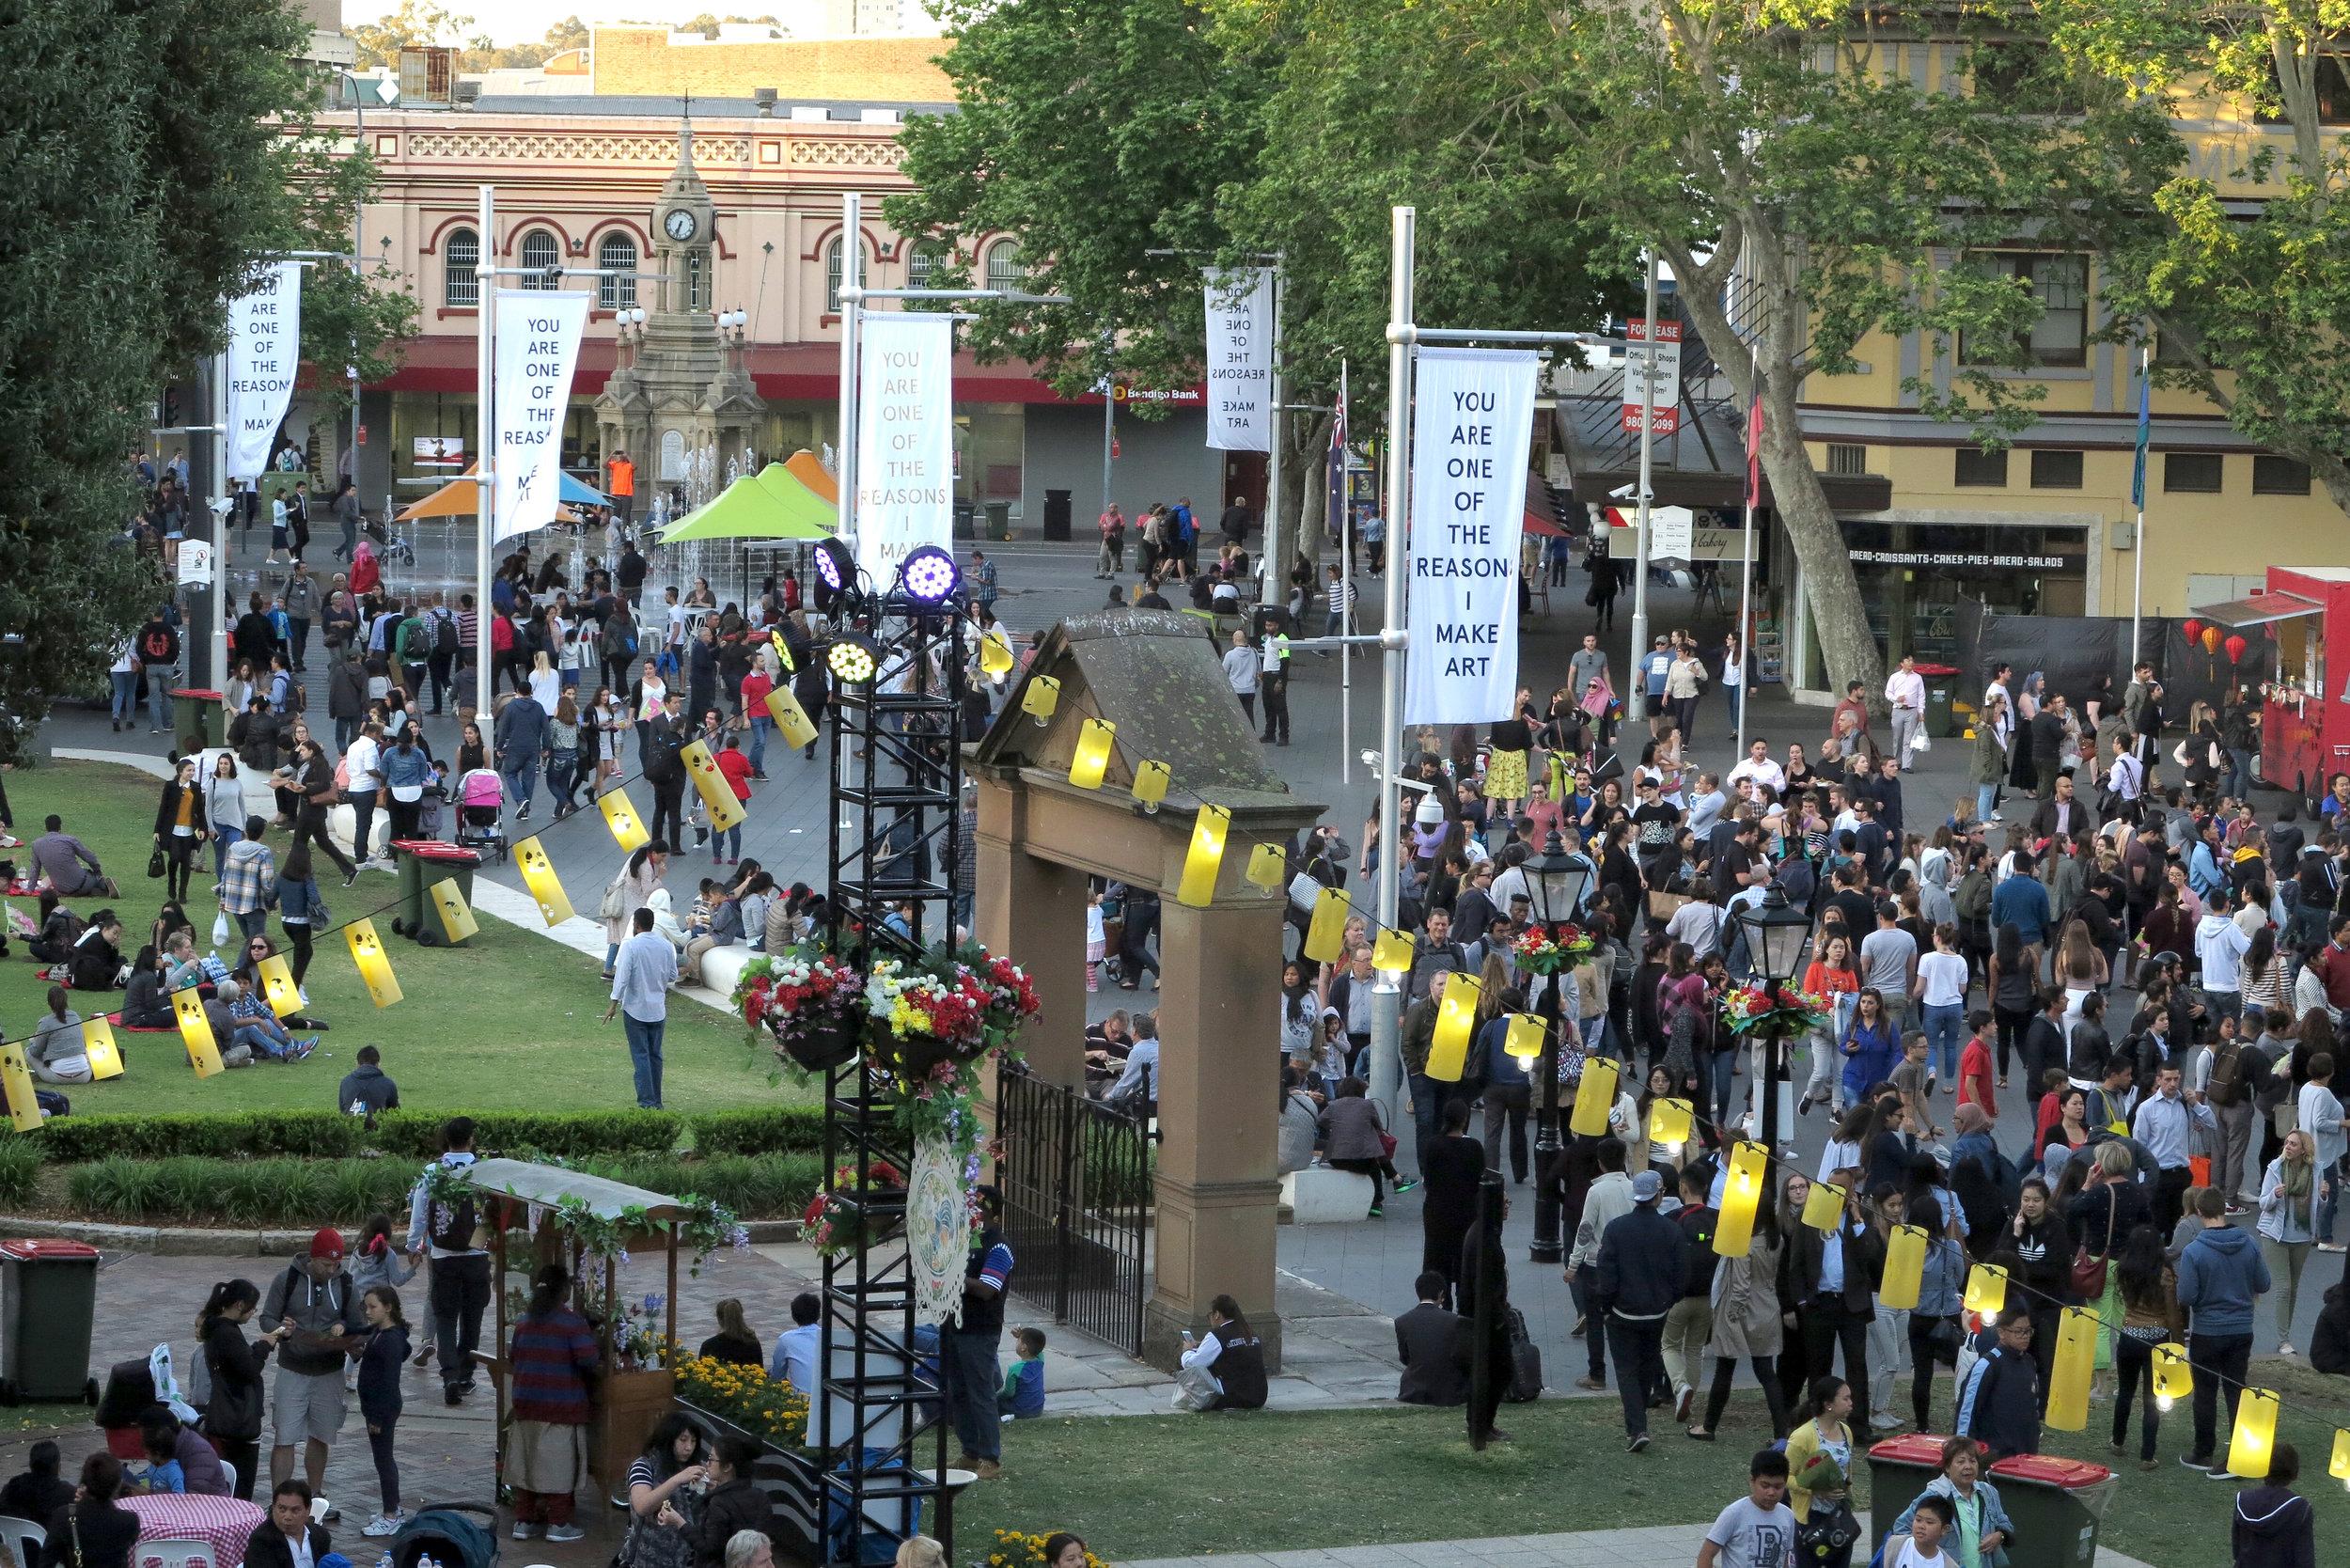 Centenary Square, Parramatta